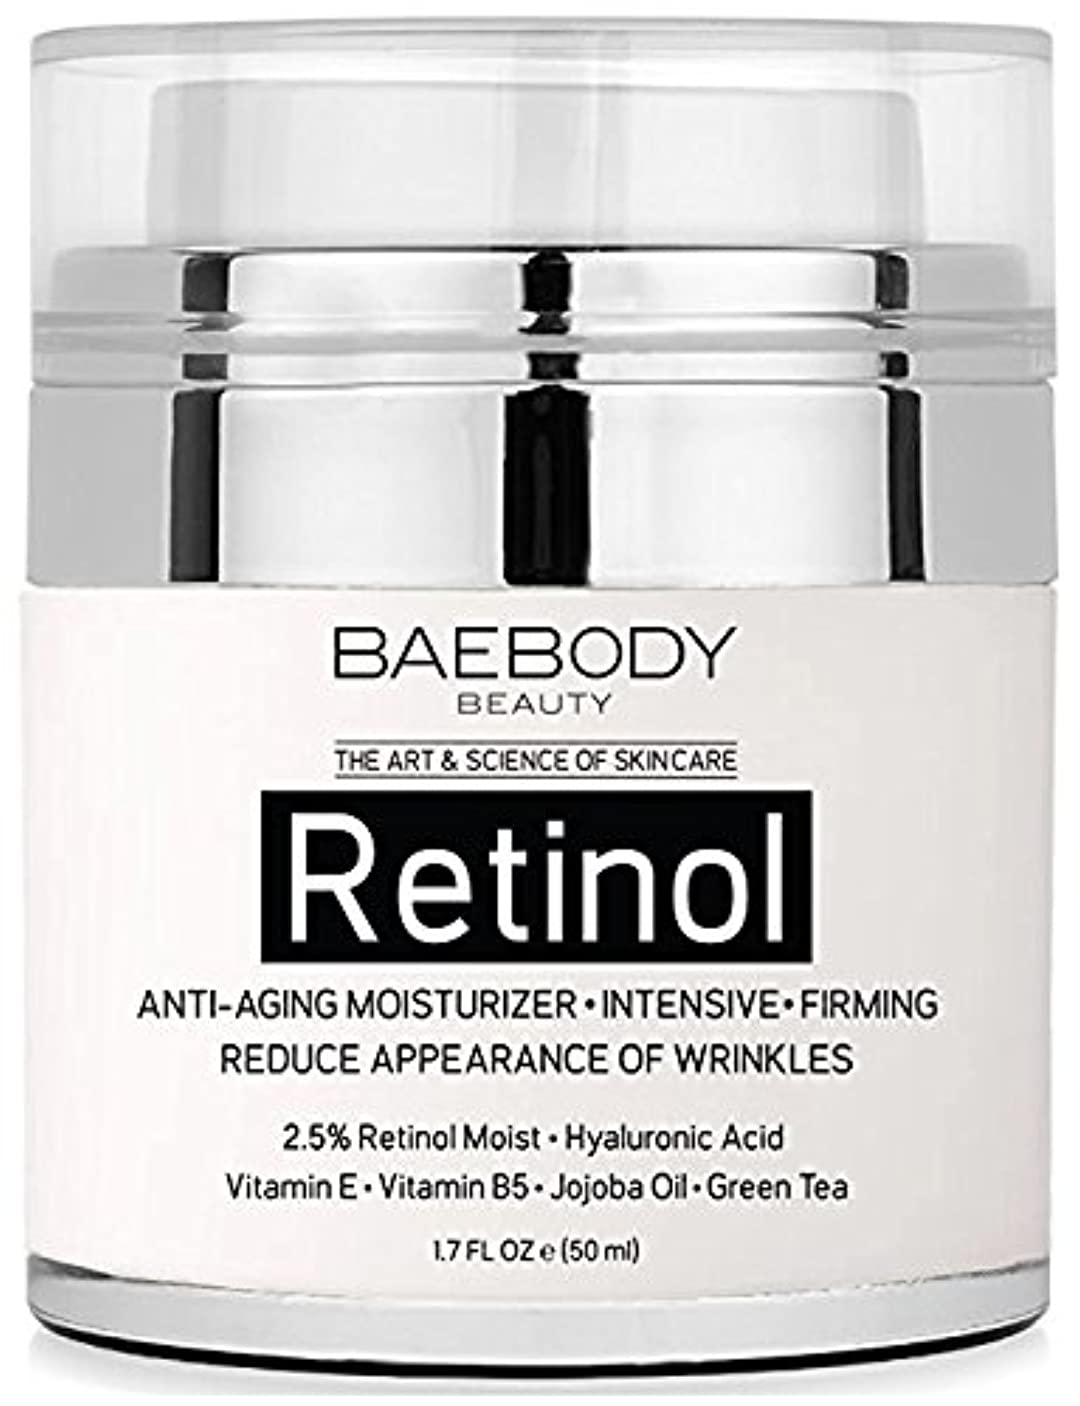 変換東部含意Baebody社 の レチノール 保湿クリーム Baebody Retinol Moisturizer Cream [並行輸入品]